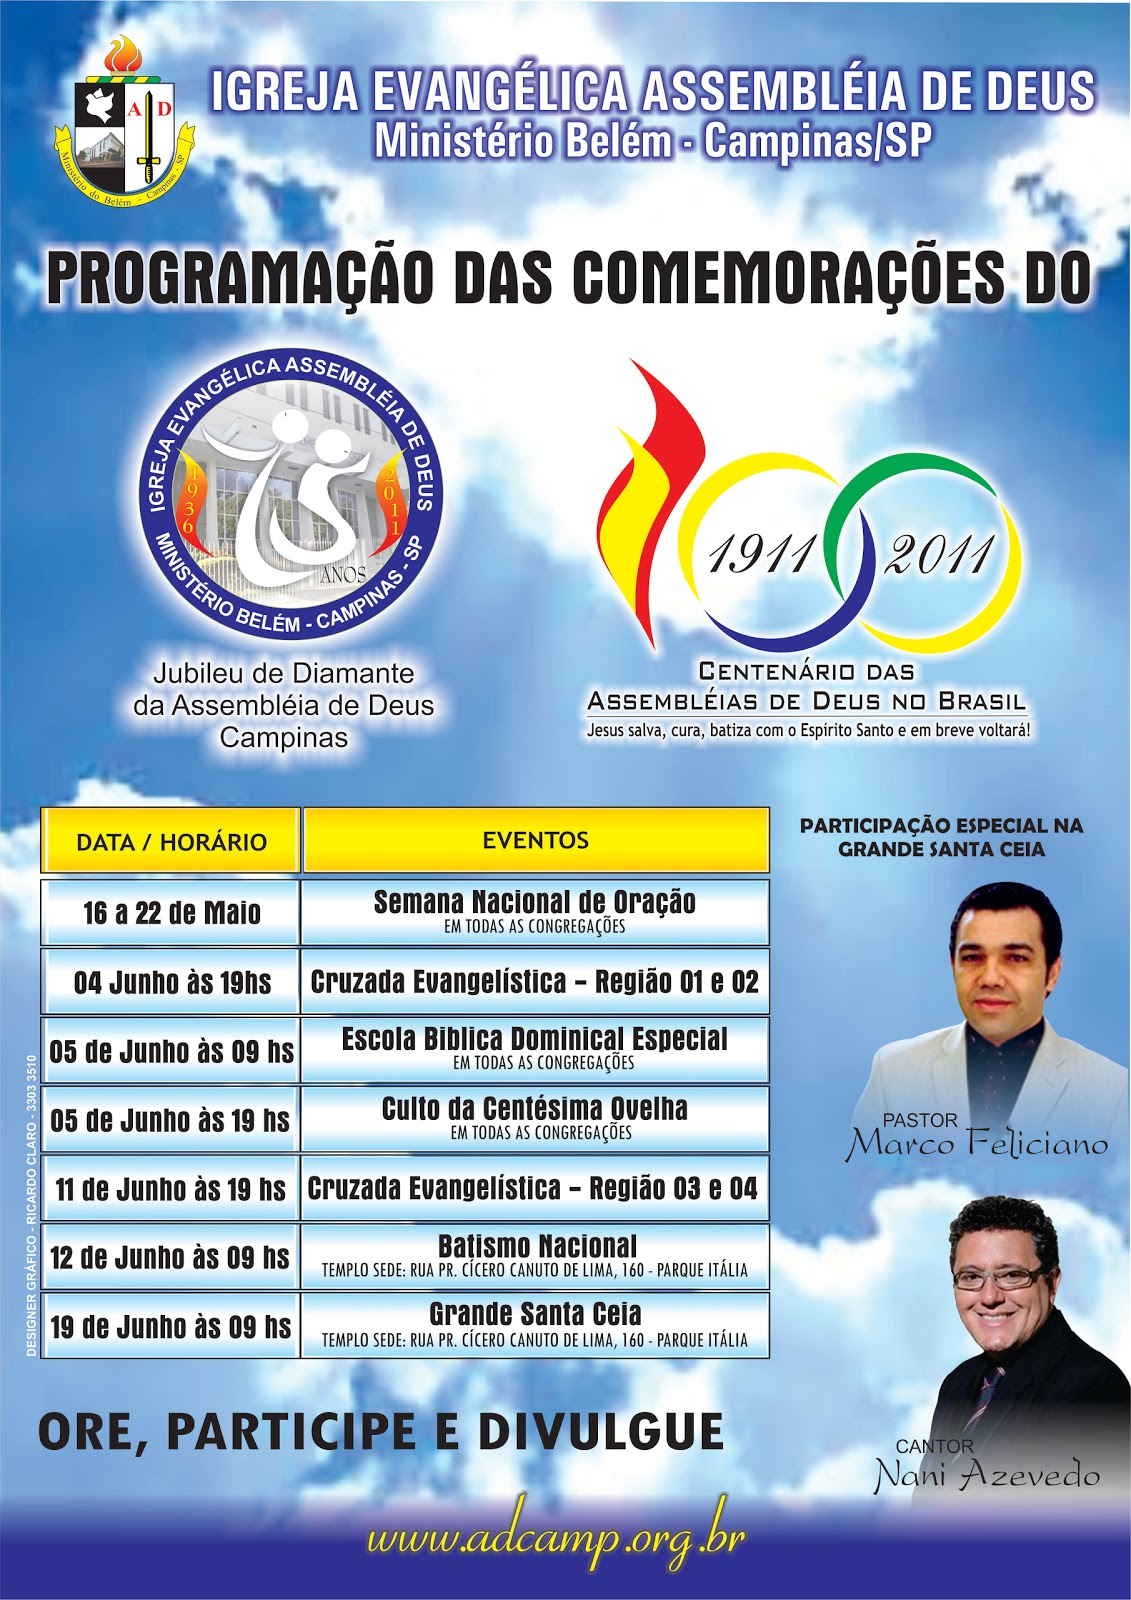 http://2.bp.blogspot.com/-CV5l8mK39M8/TdEizGtZkxI/AAAAAAAABaE/lzej8604O1Q/s1600/Cartaz+Centenario+e+Jubileu+campinas+CURVAS.jpg